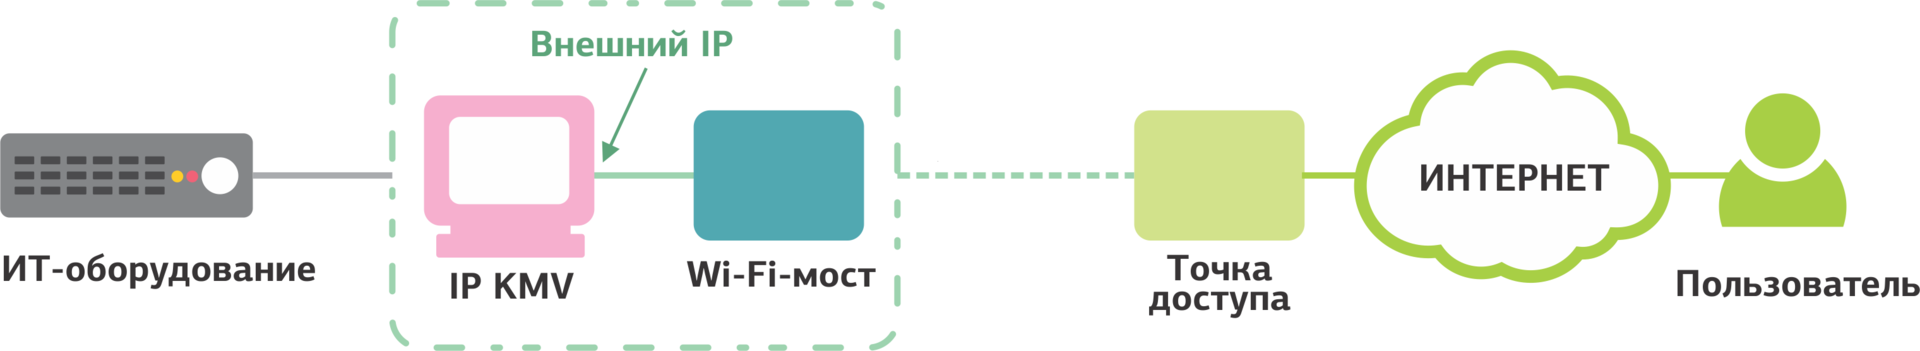 Полезные мелочи в дата-центре: Wi-Fi IP KVM - 10